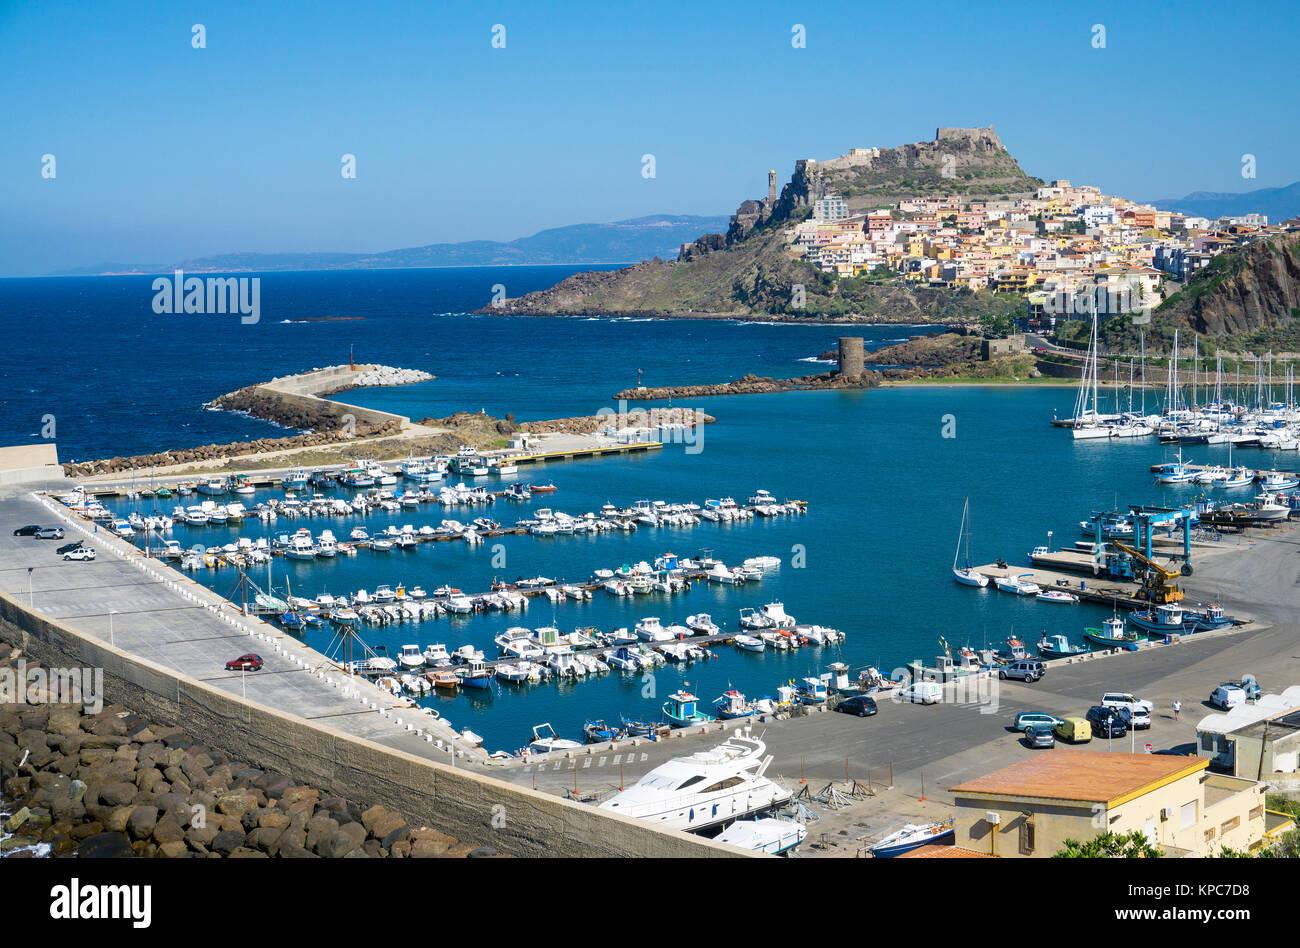 Blick auf den Hafen und Castelsardo, Sardinien, Italien, Mittelmeer, Europa Stockbild